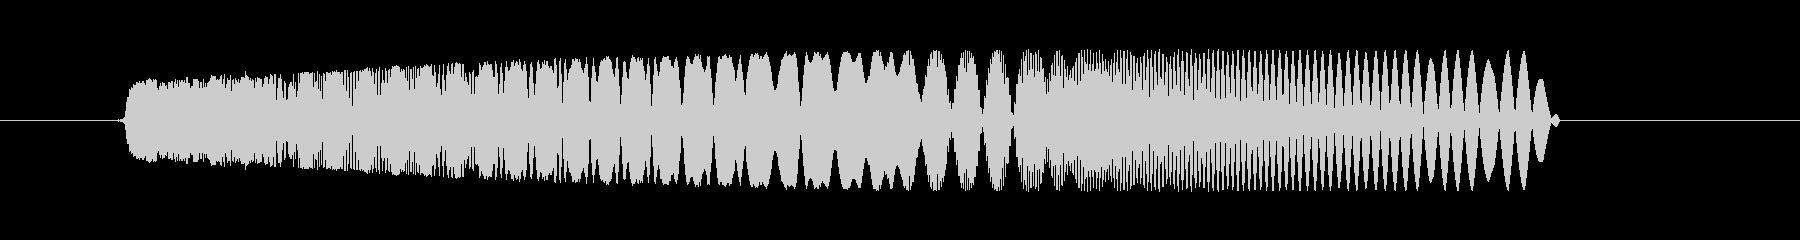 チューン(TVやモニターを消す時などに)の未再生の波形